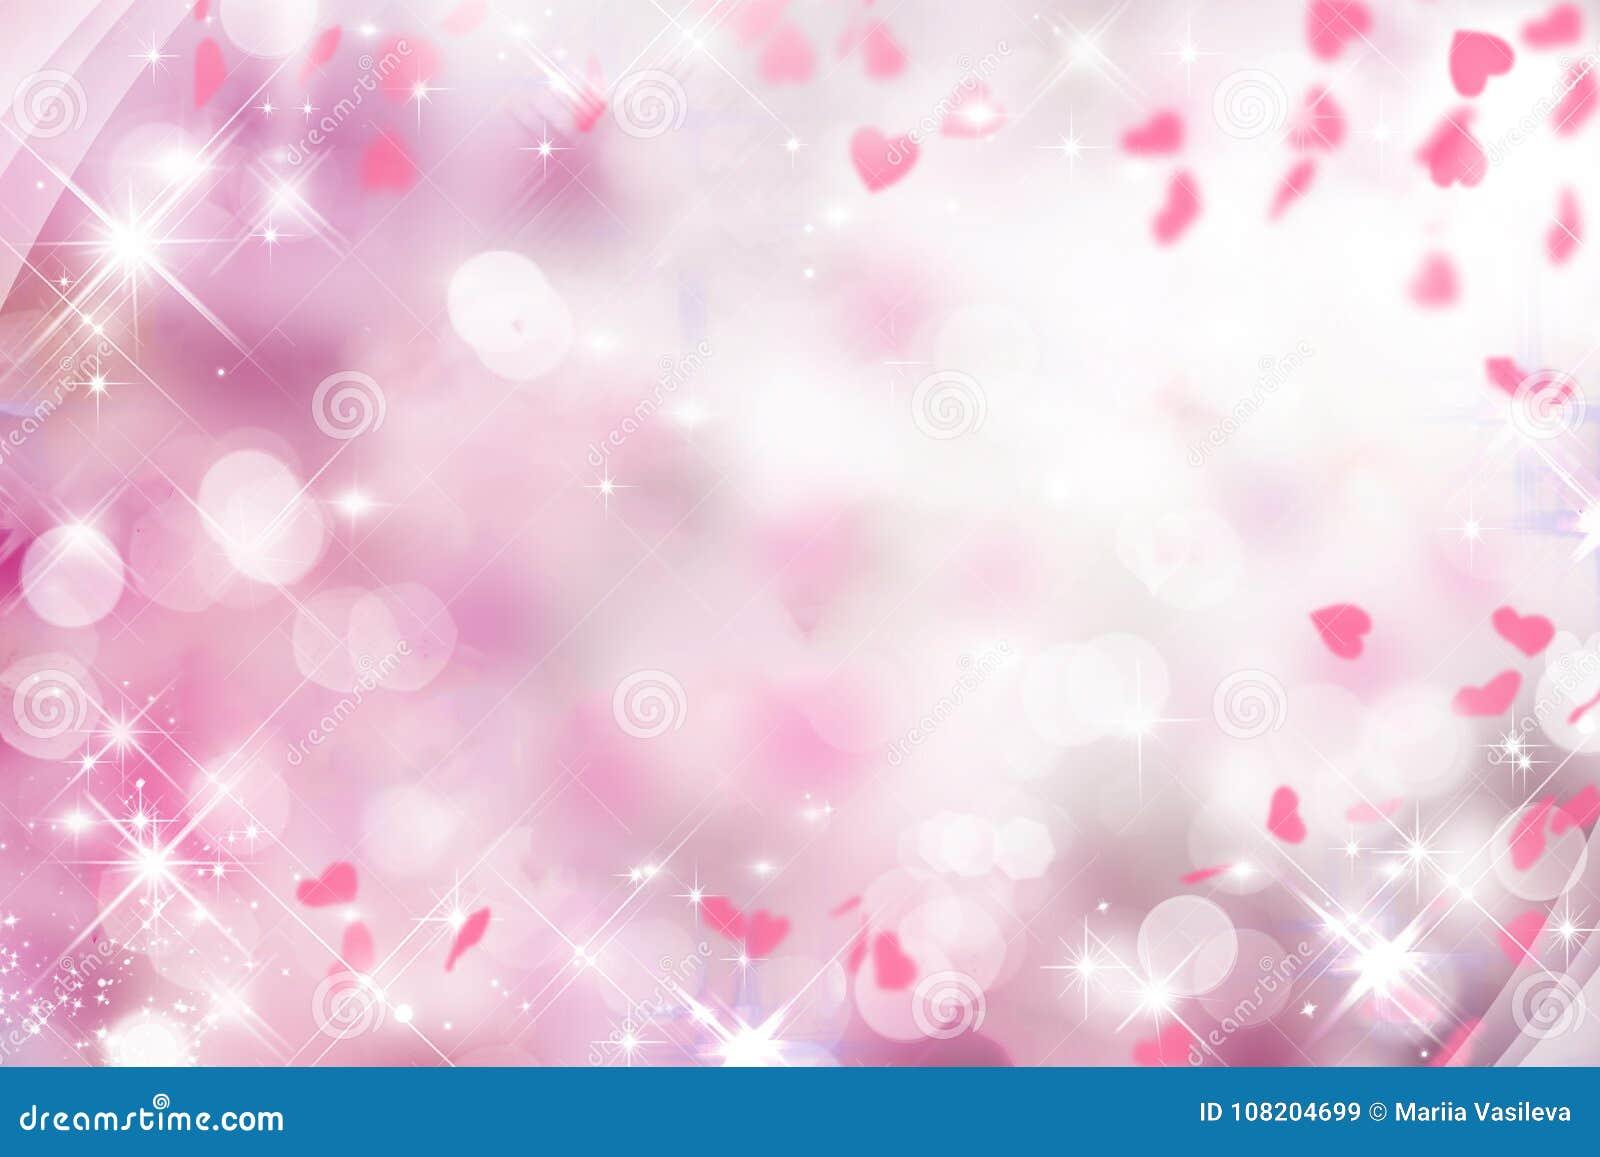 Fundo roxo obscuro com rosa e branco e corações no dia do ` s do Valentim, casamento, feriado, faísca, bokeh